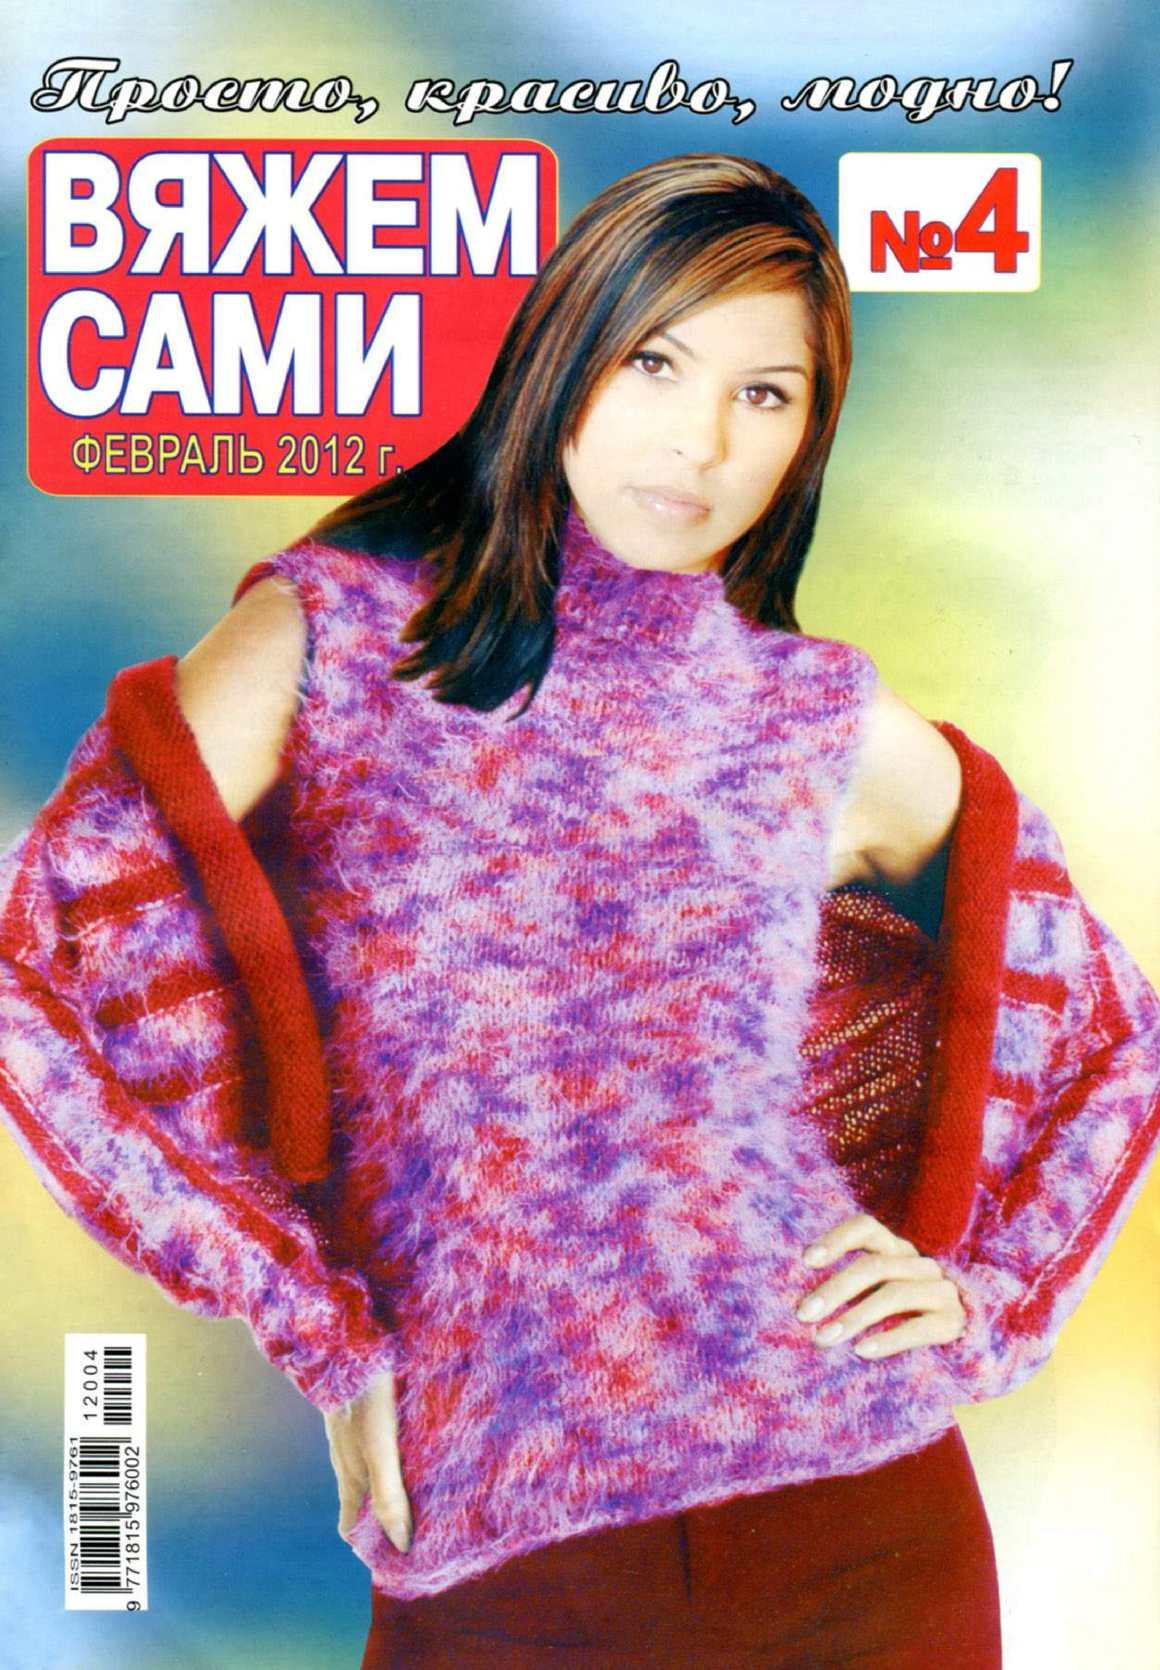 Журнал для женщин среднего возраста 24 фотография